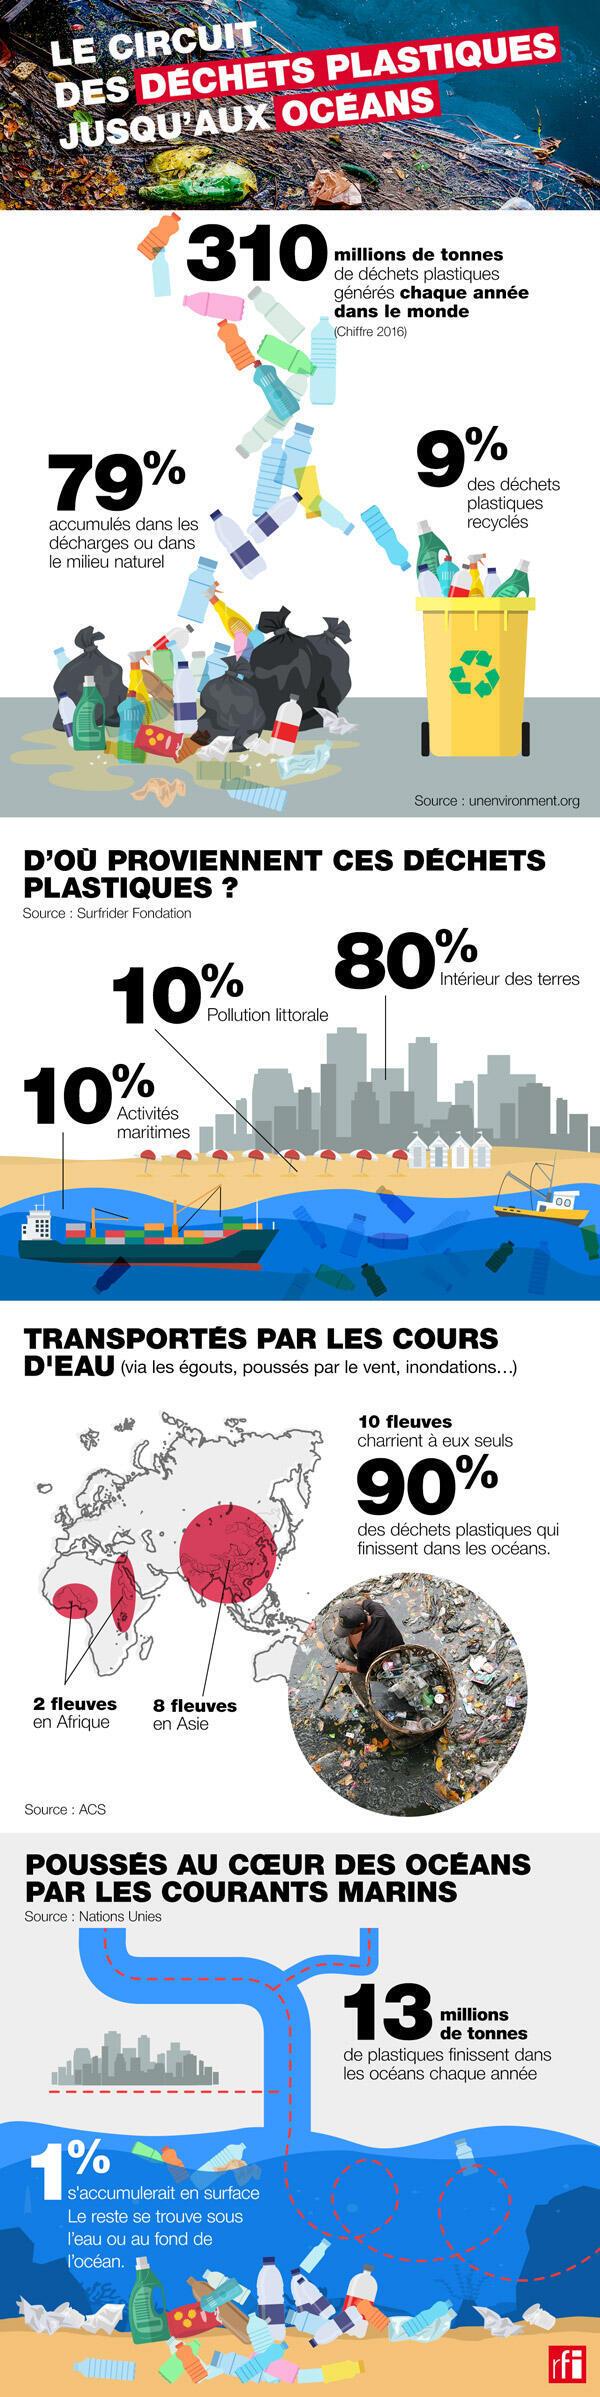 Le circuit des déchets plastiques jusqu'aux océans.